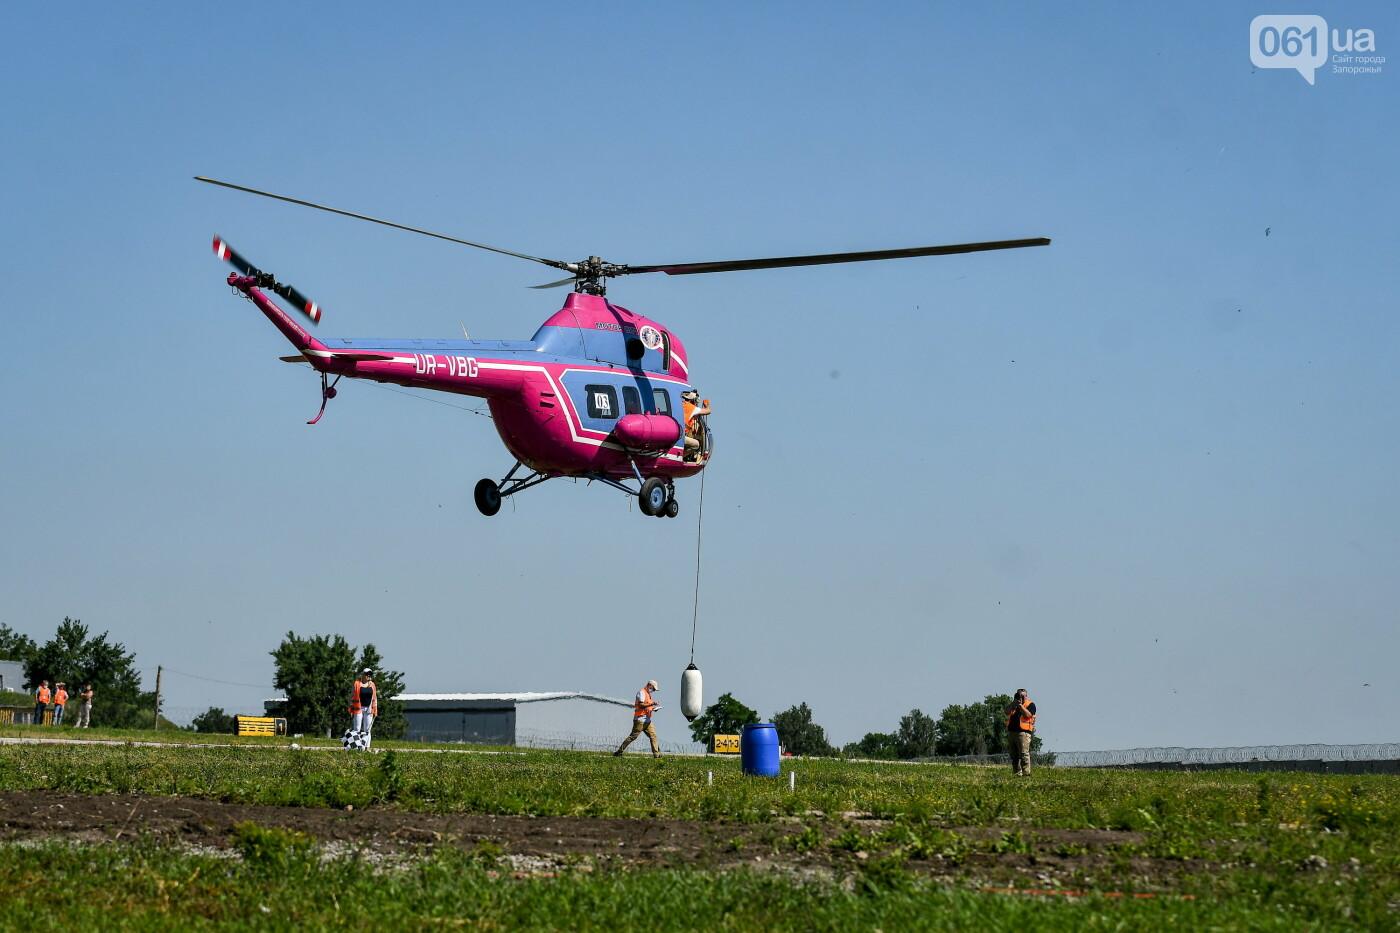 В Запорожье проходят соревнования по вертолетному спорту, - ФОТОРЕПОРТАЖ, фото-6